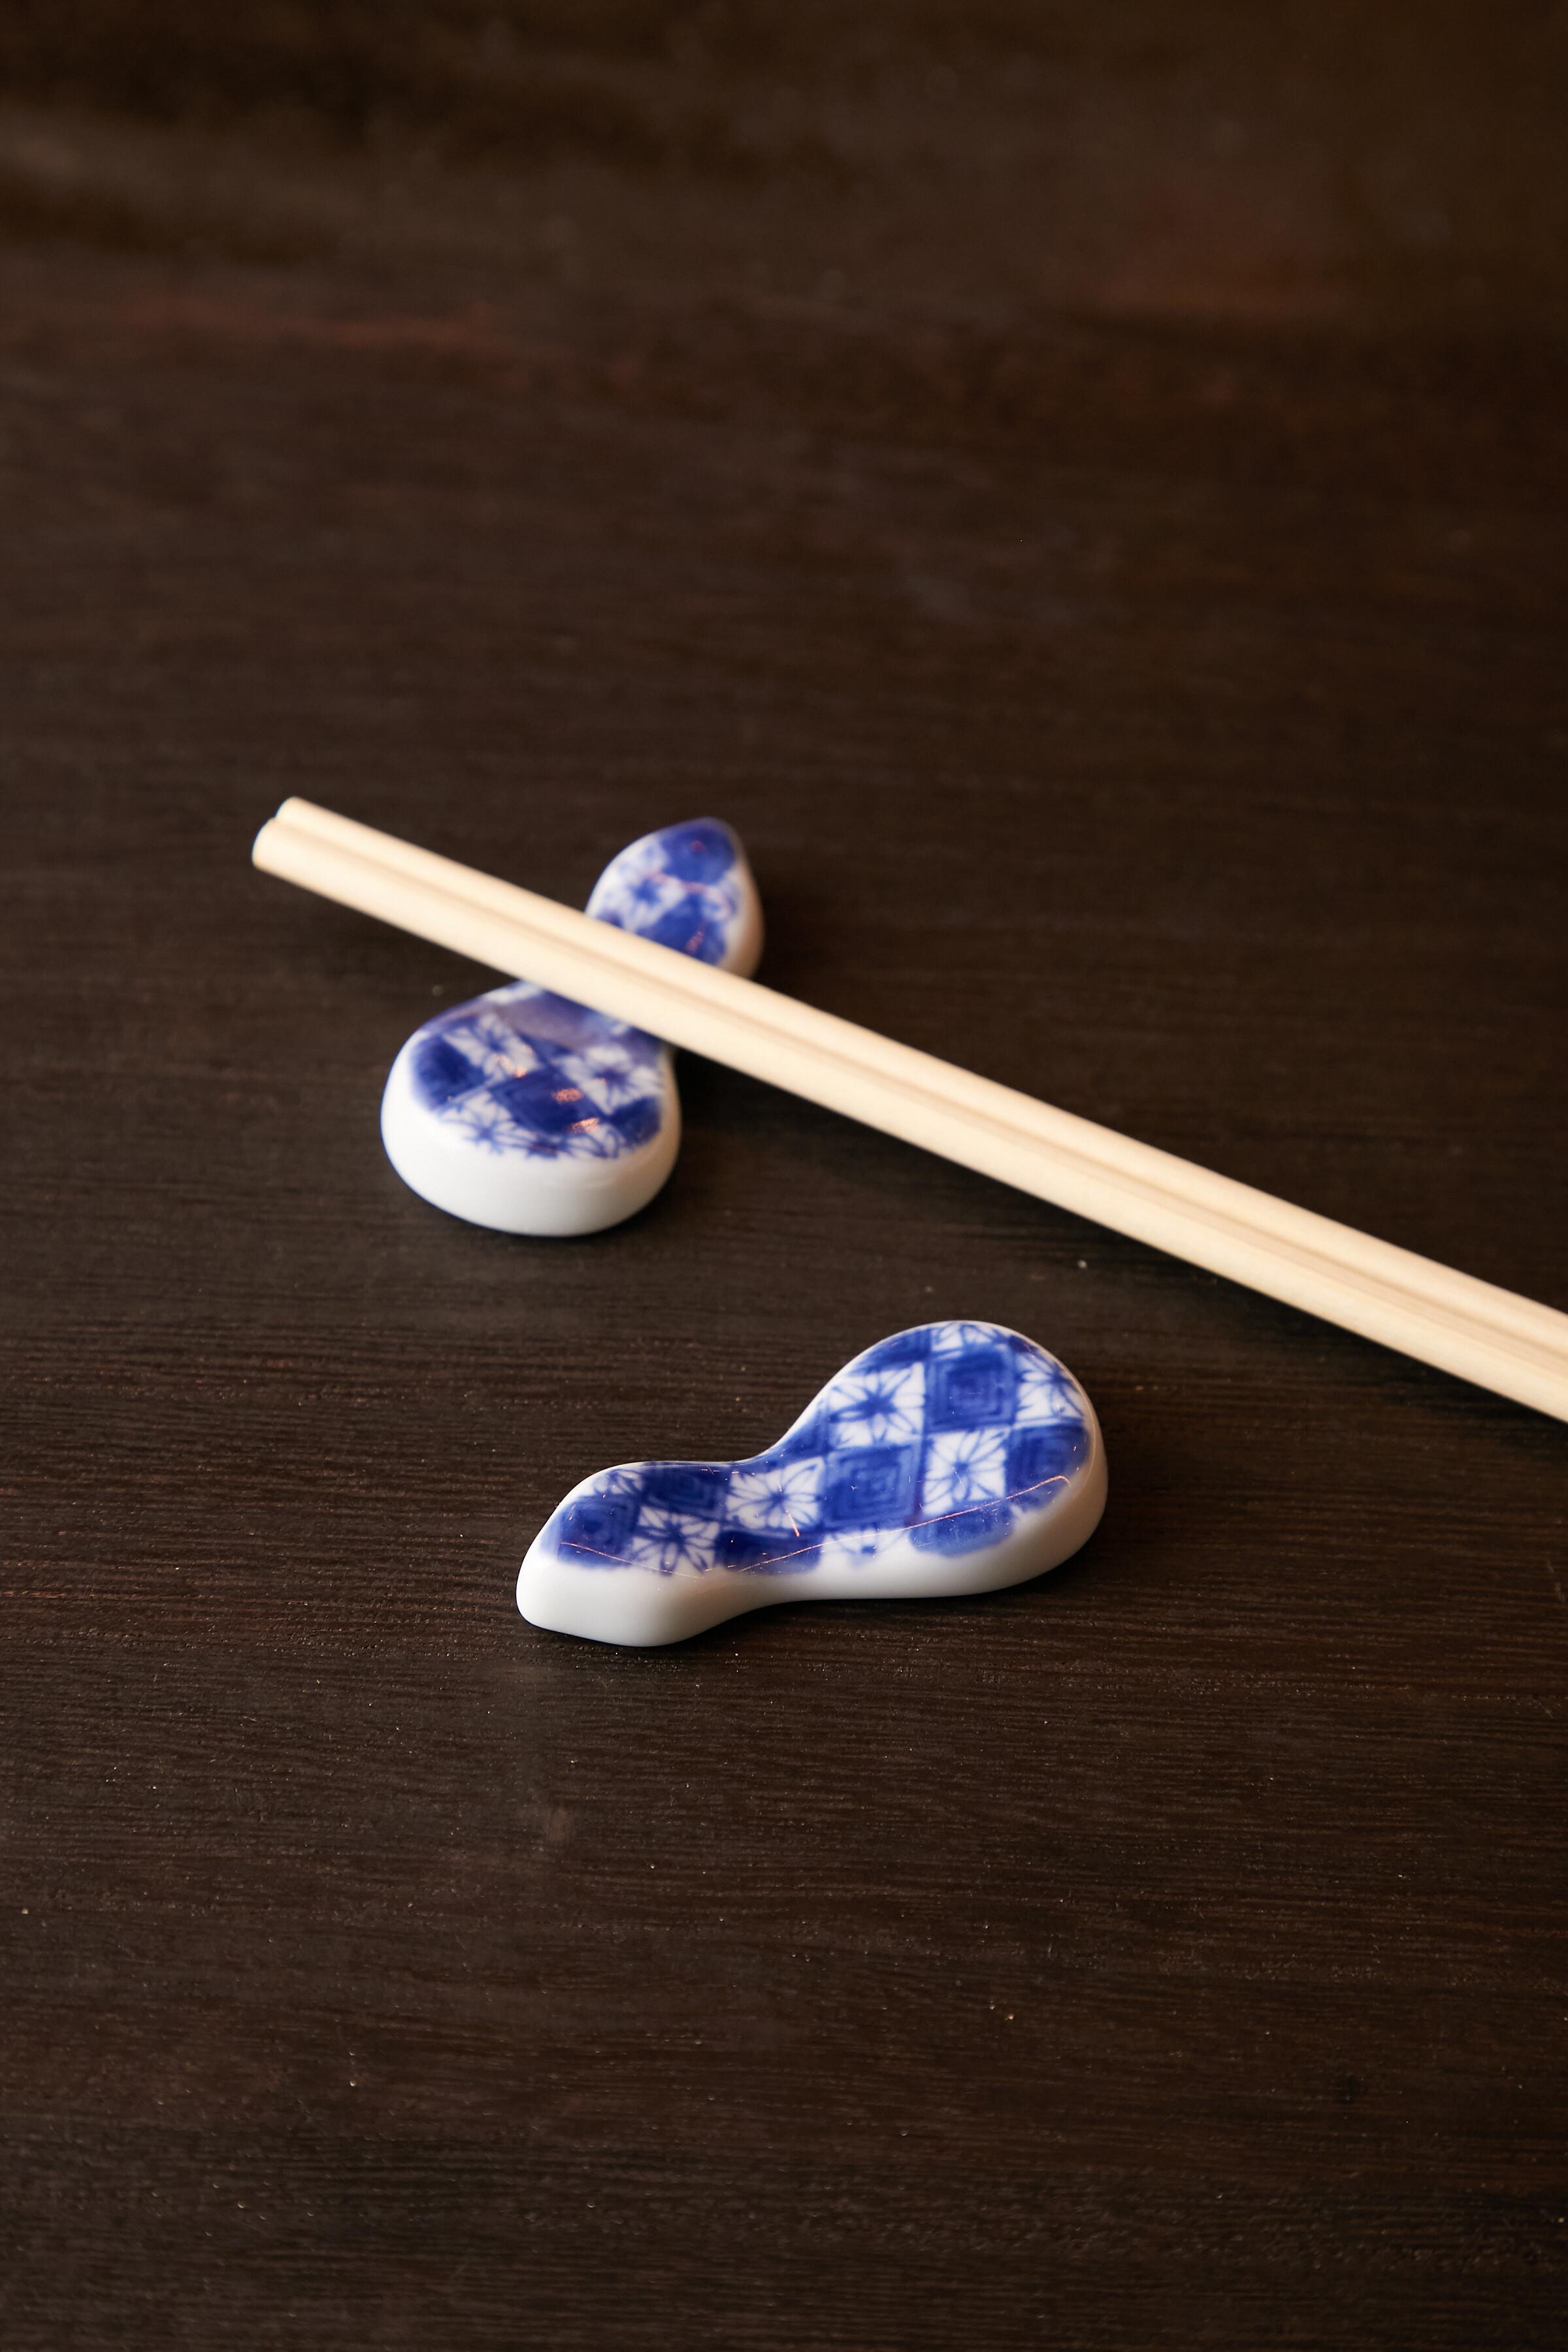 濃市松 ひさご箸置き 日本製 美濃焼【送料無料】